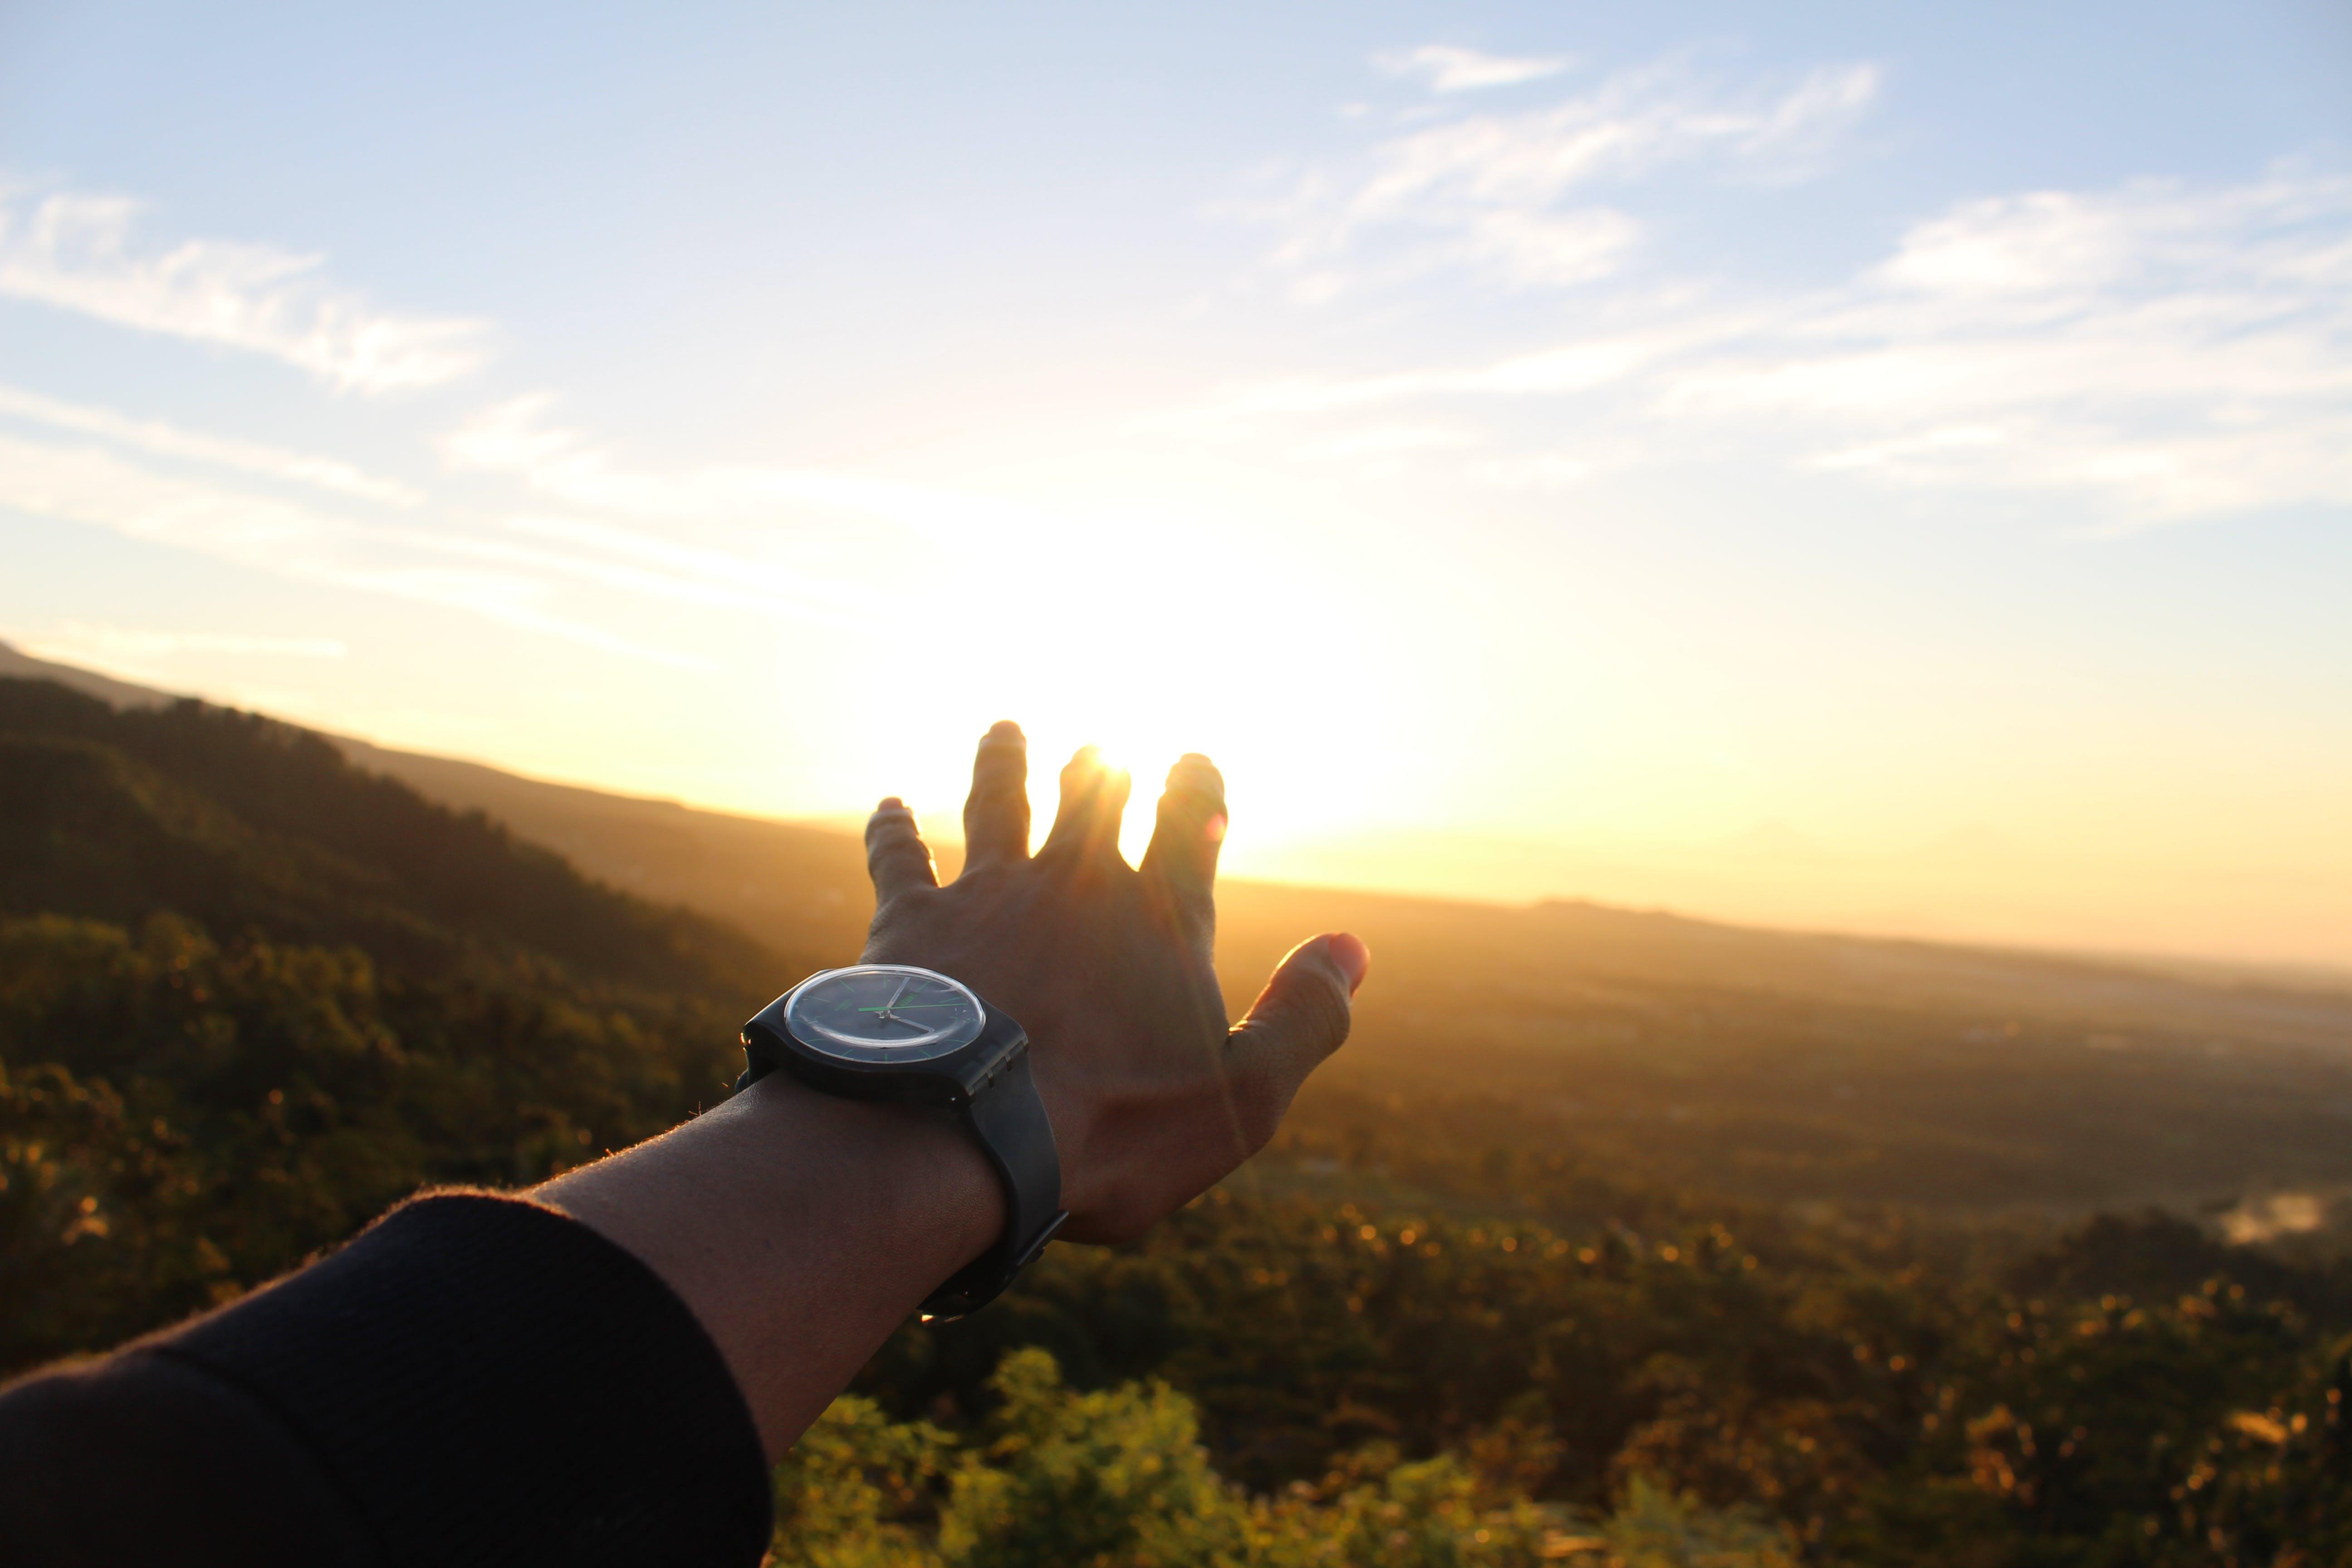 Kostenloses Stock Foto zu dämmerung, hand, himmel, landschaftlich